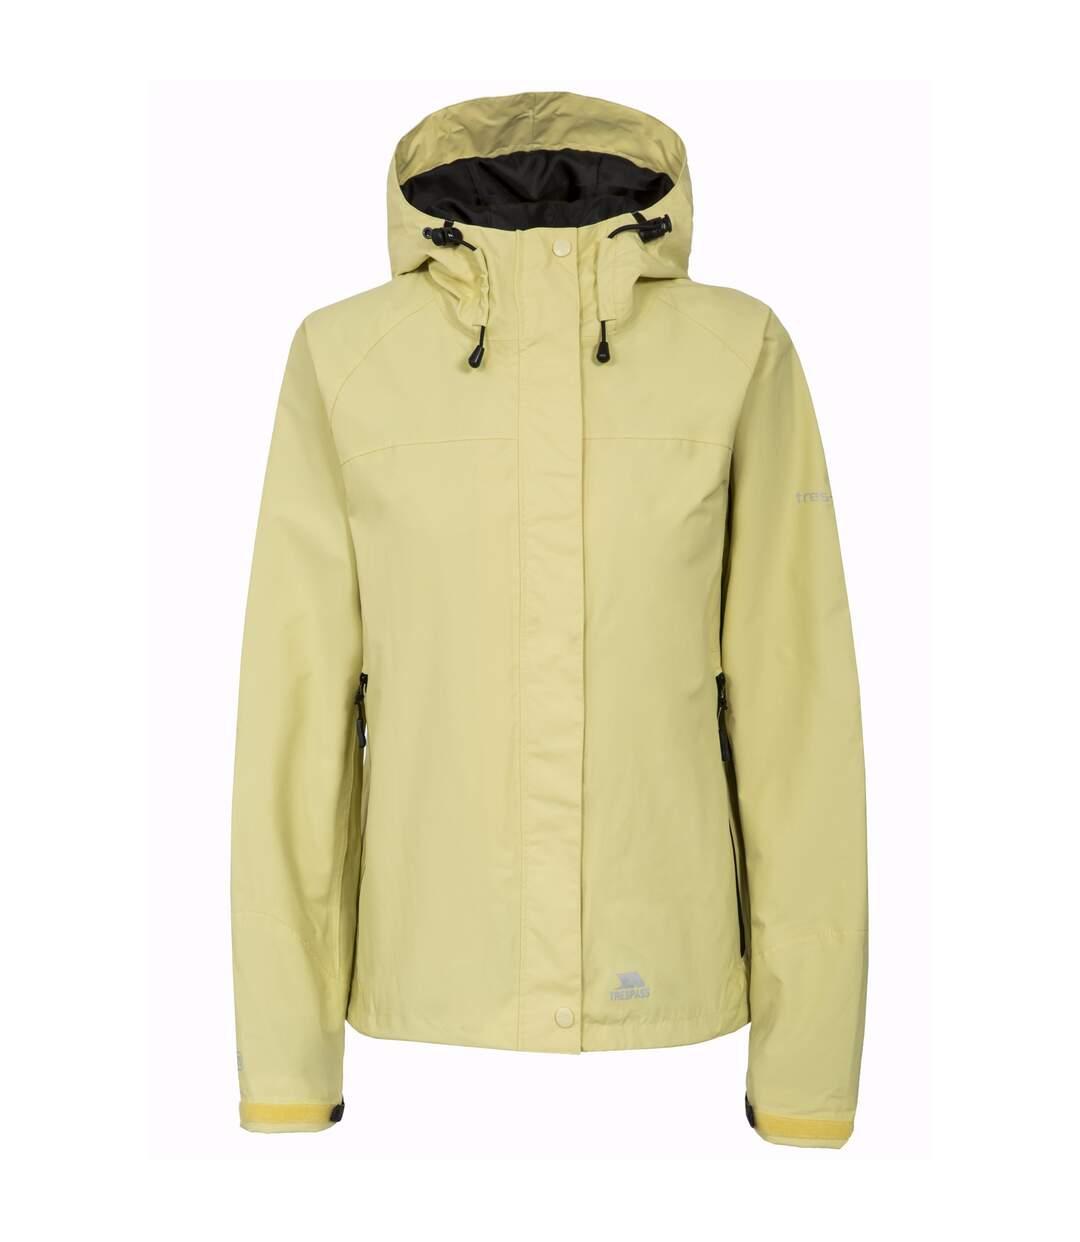 Trespass Womens/Ladies Miyake Hooded Waterproof Jacket (Limelight) - UTTP165